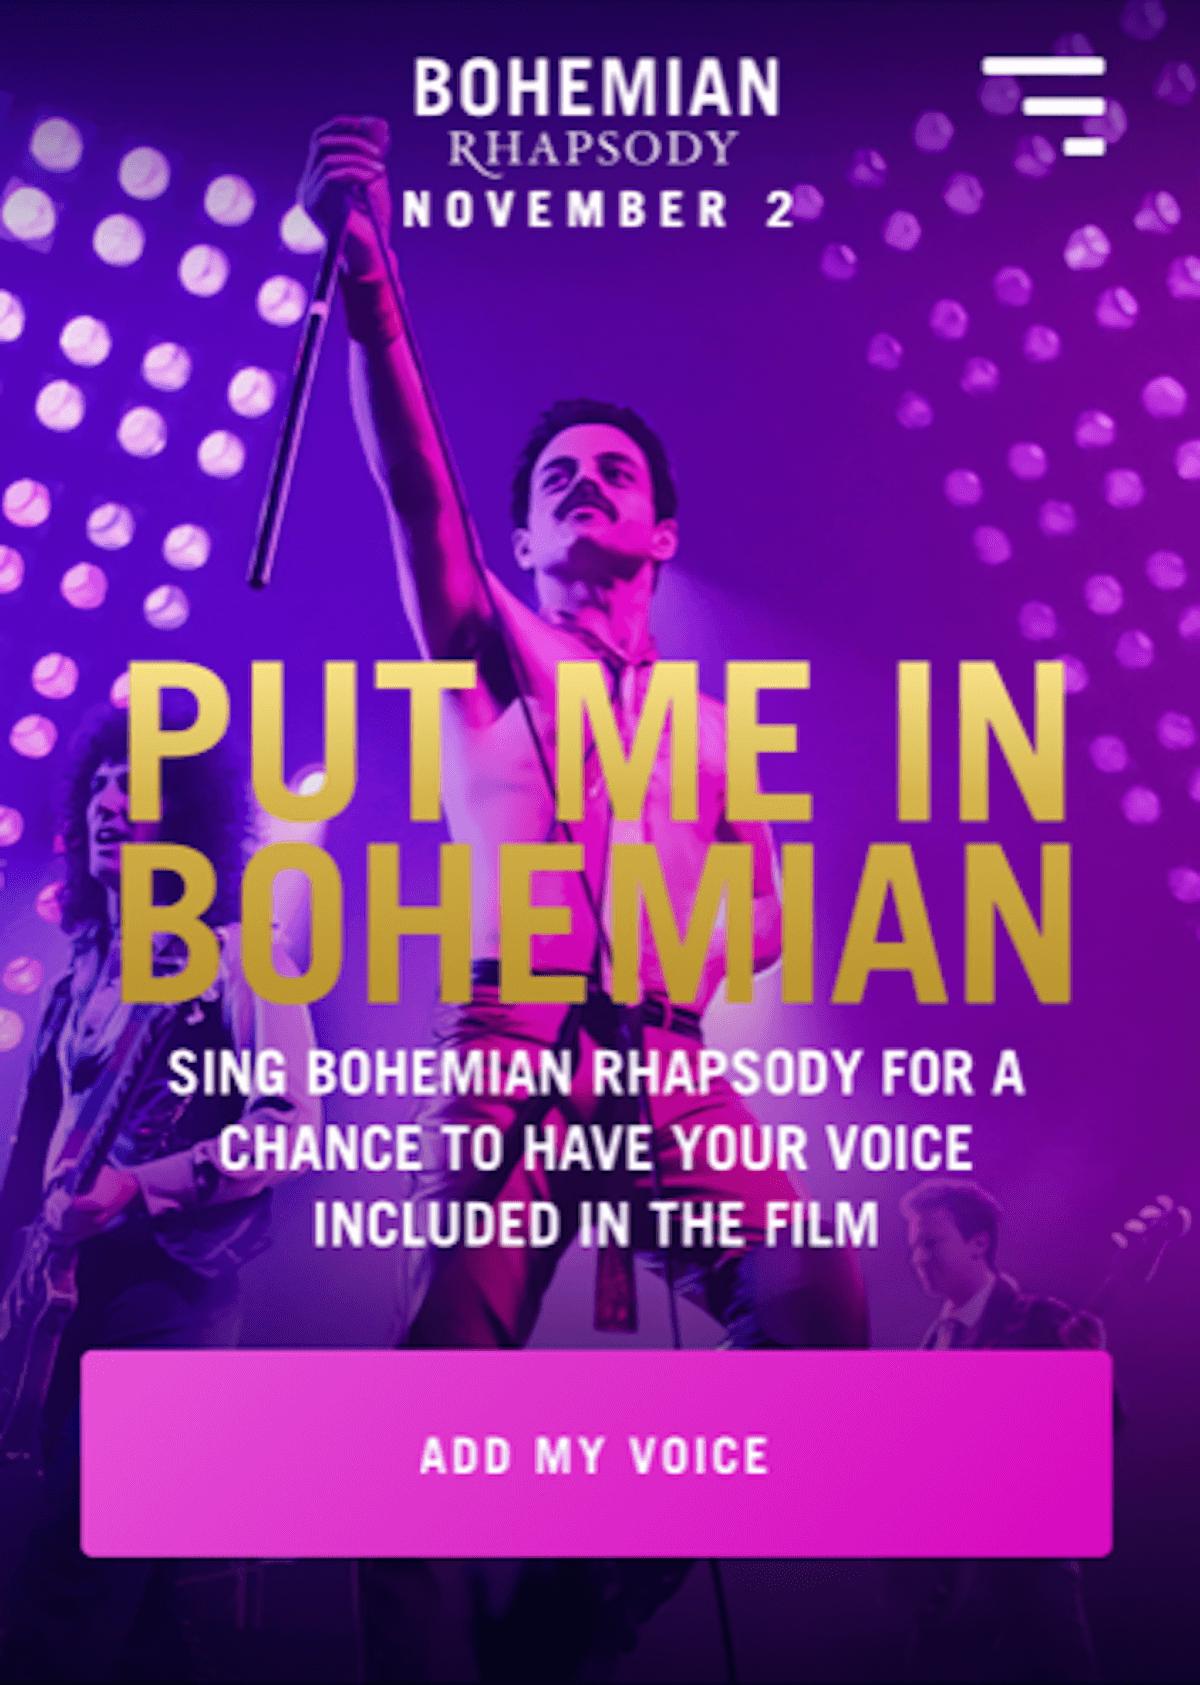 クイーンの伝記映画『ボヘミアン・ラプソディ』、自分の声が使われるキャンペーンを実施中! film180611_queen_3-1200x1685